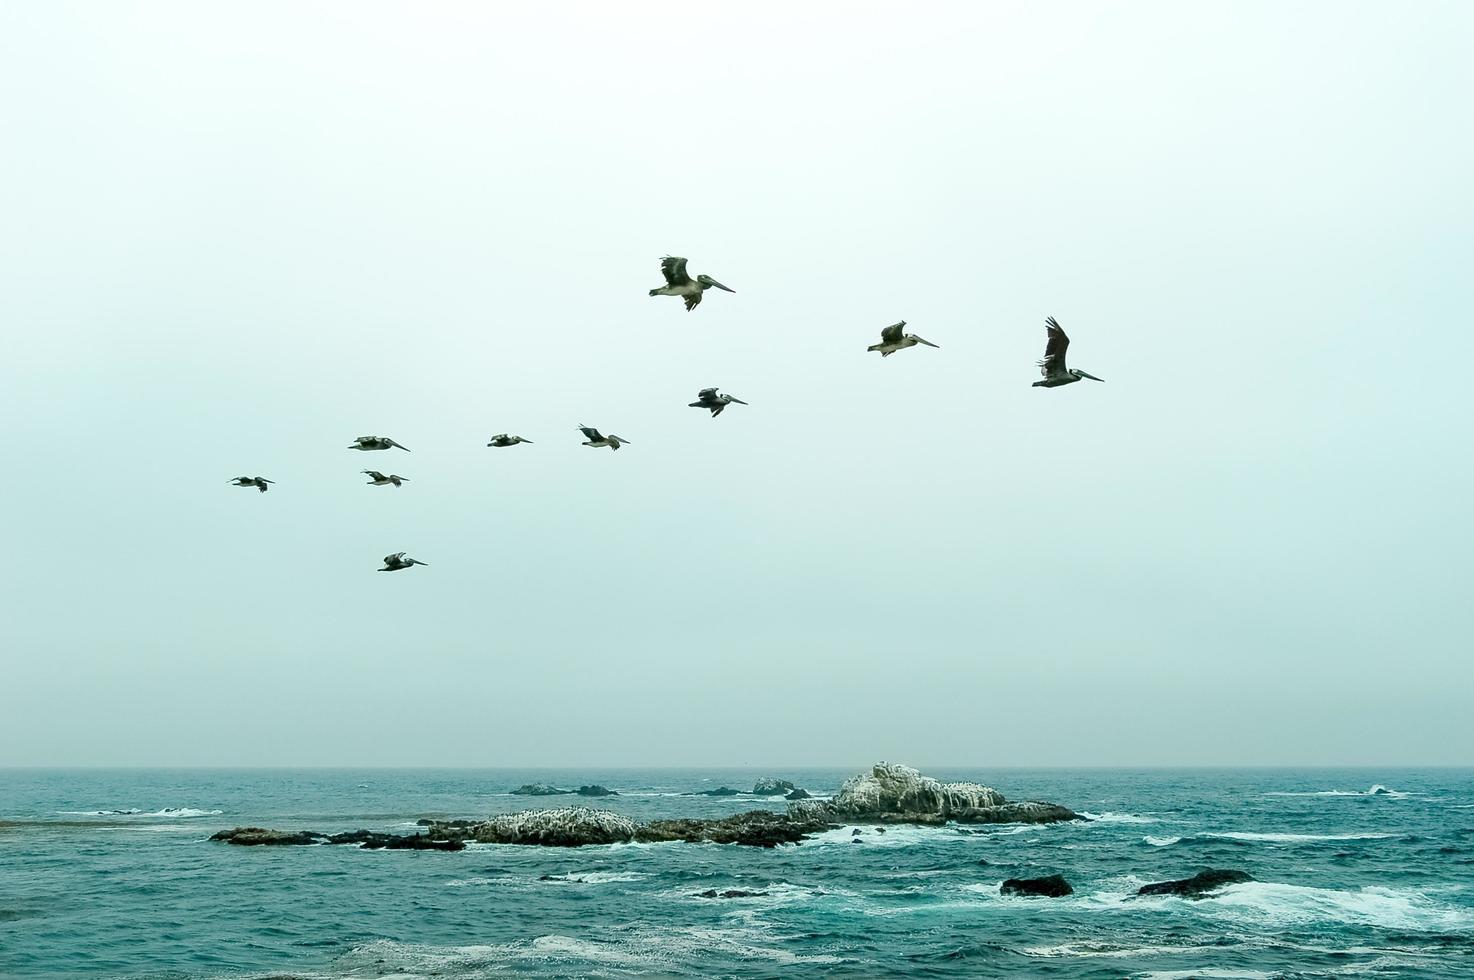 pélicans sur l'océan photo